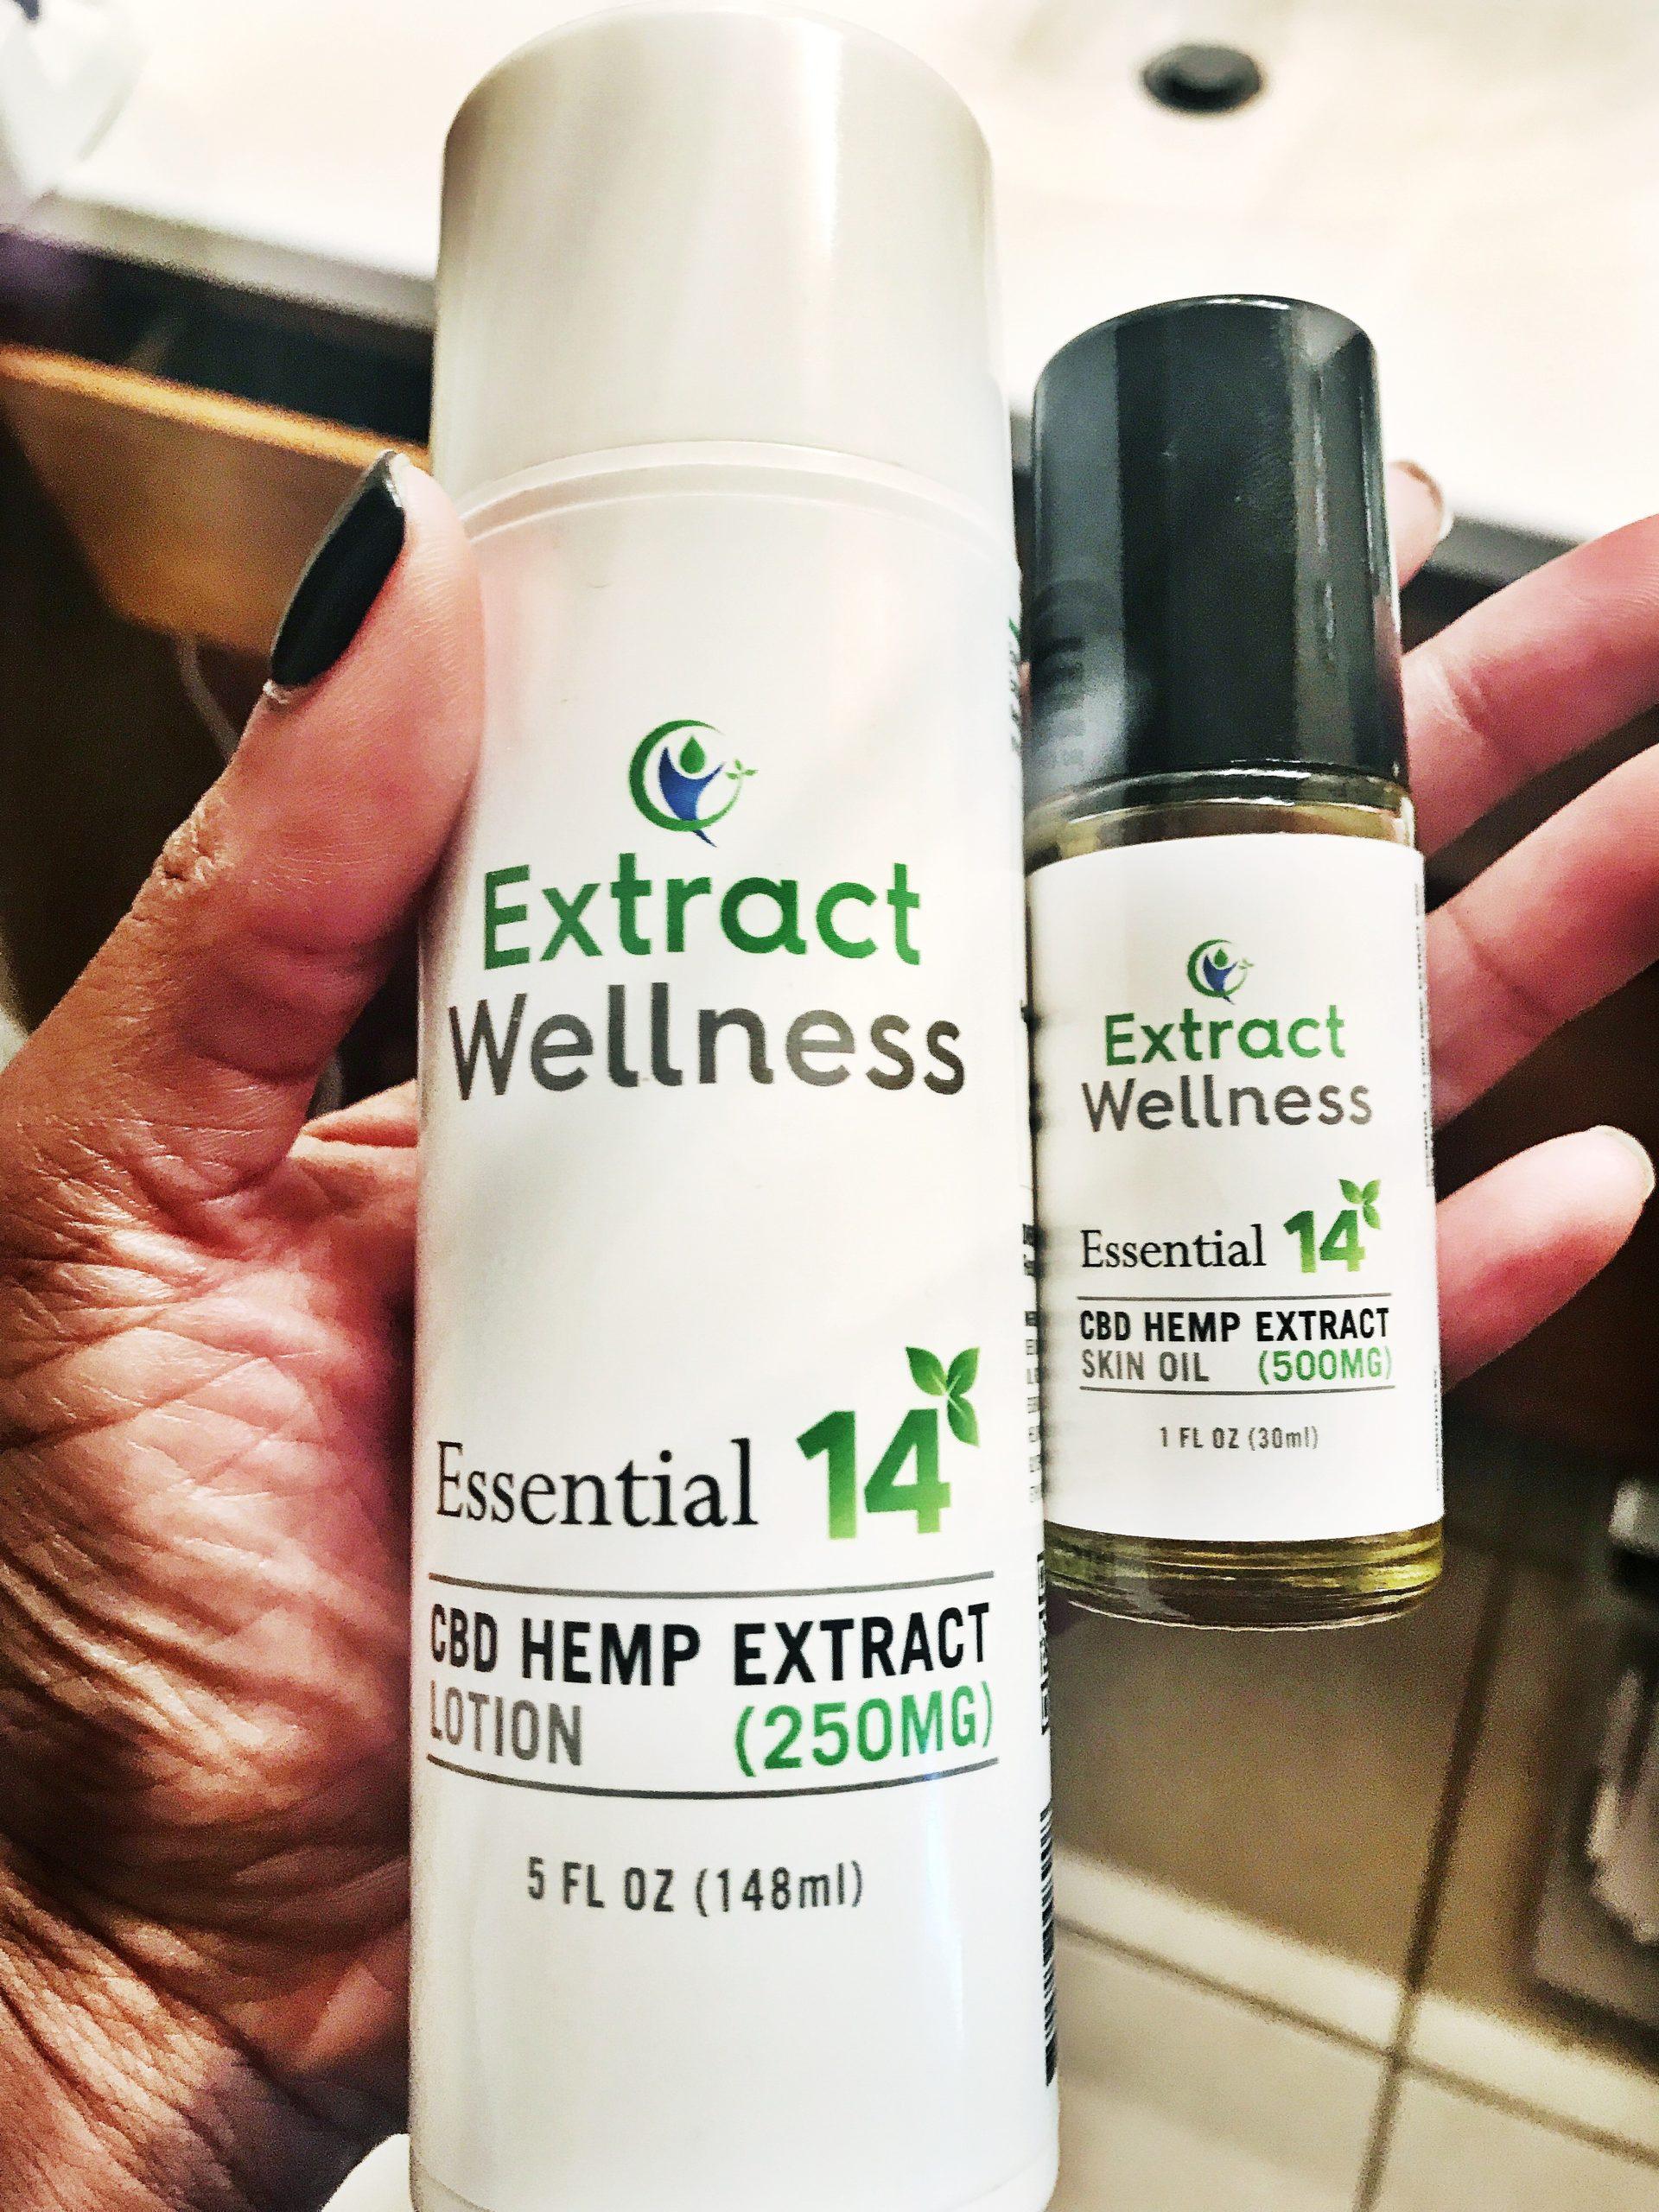 CBD Moisturizer, CBD Skin Oil, Extract Wellness Skincare